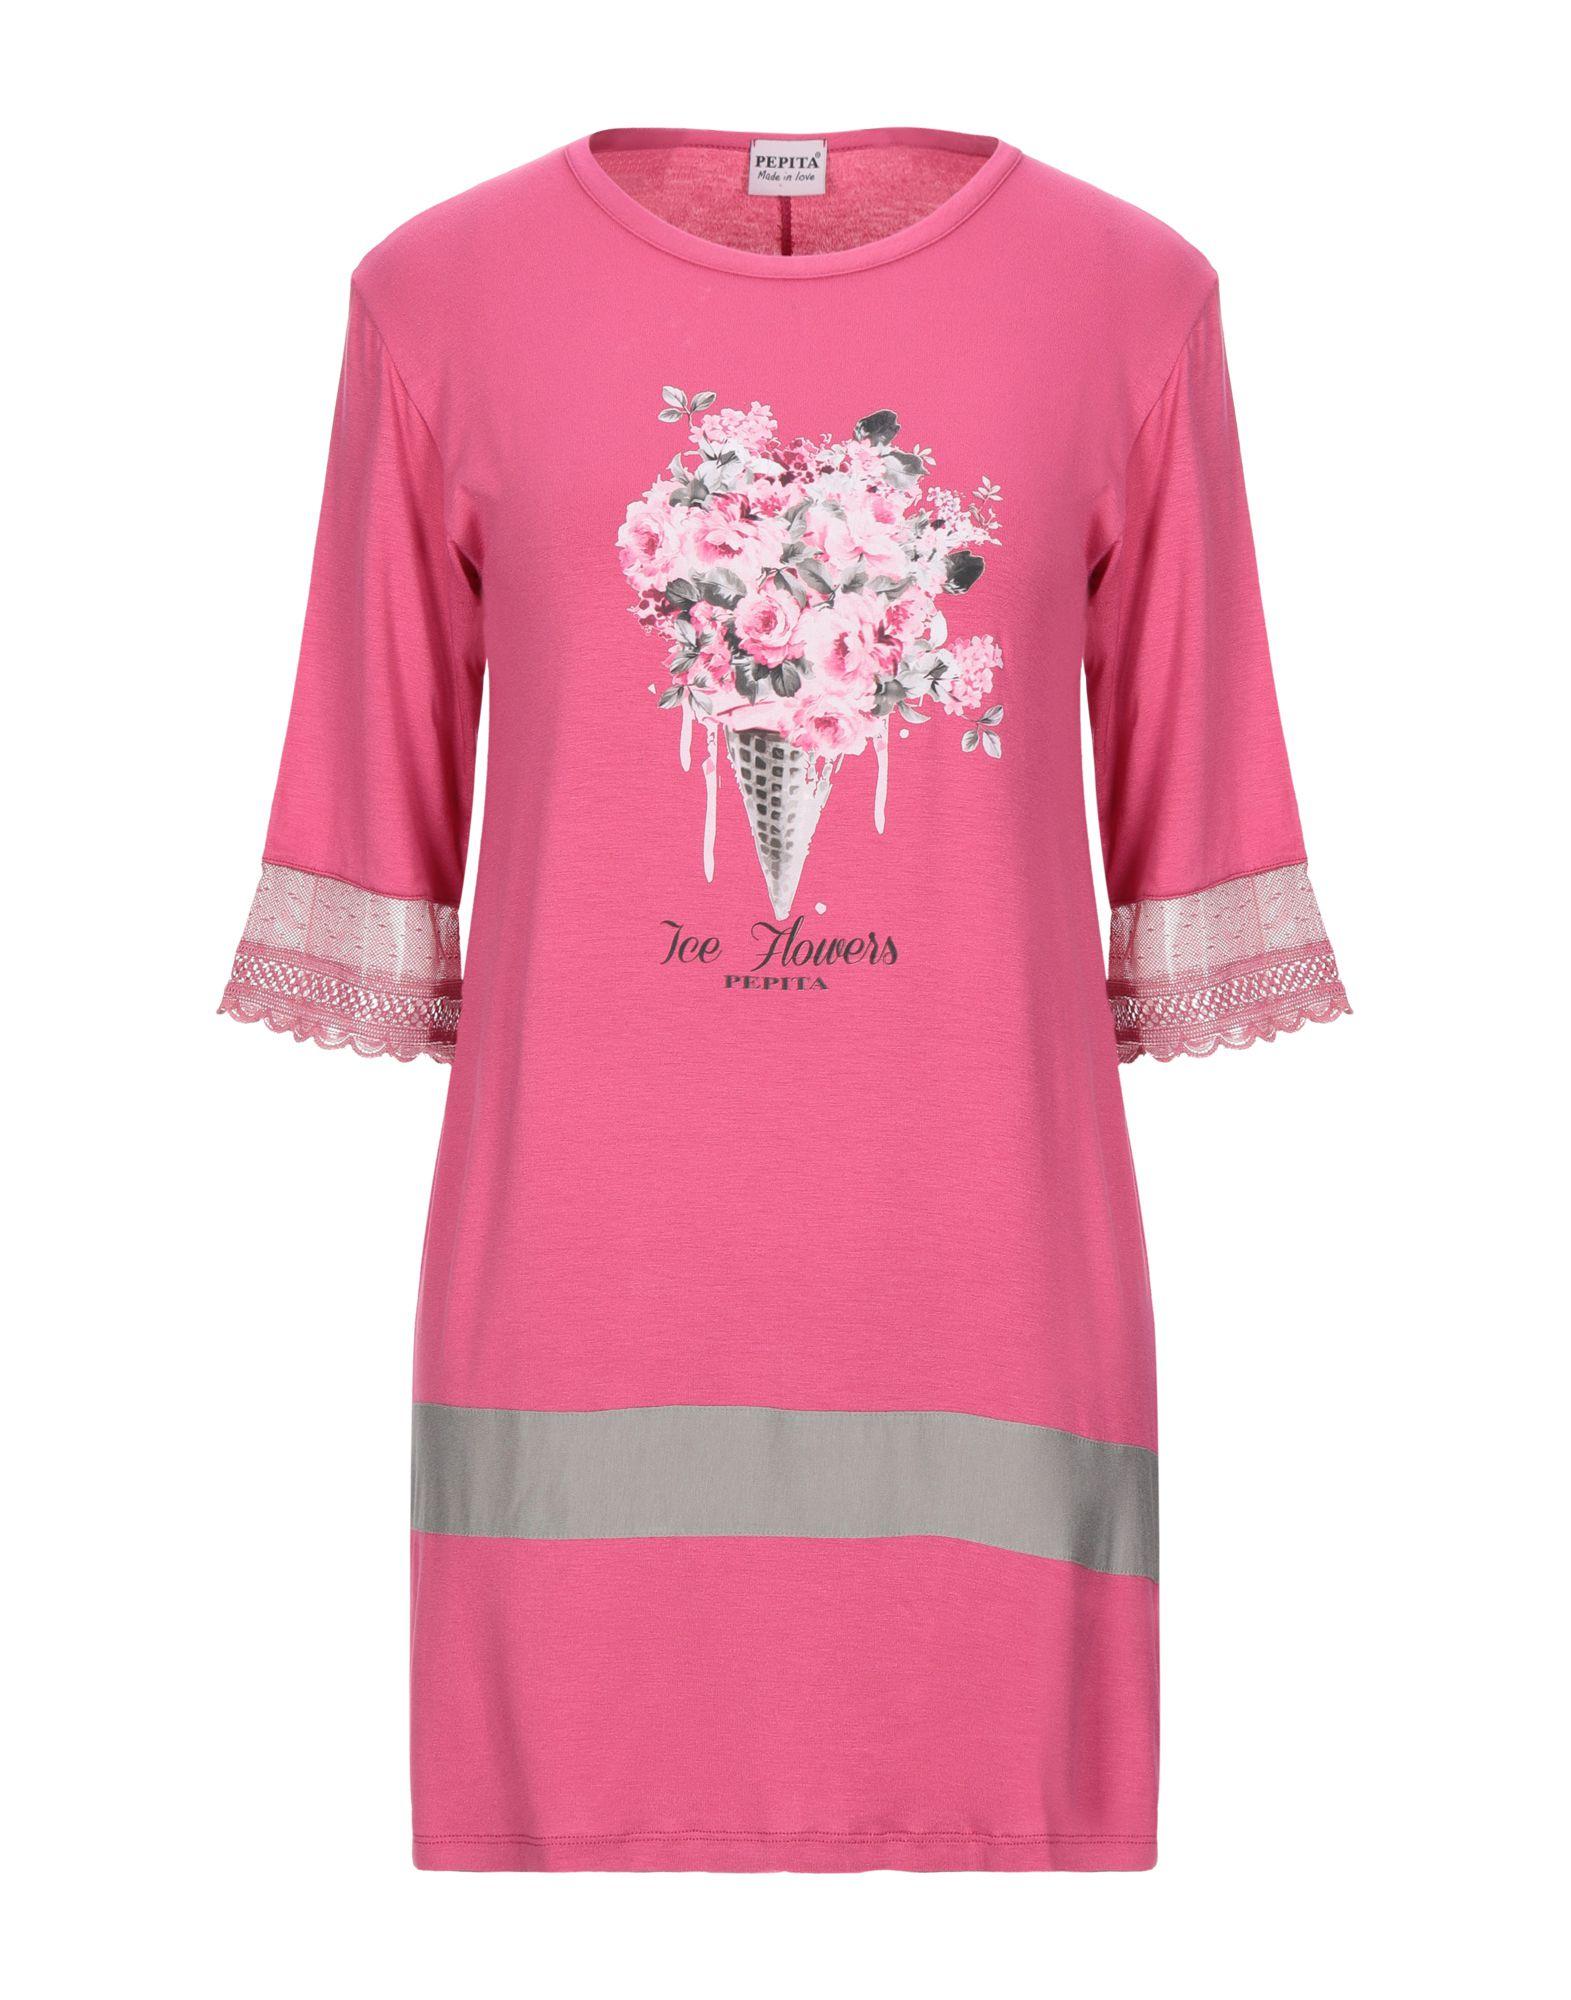 Фото - PEPITA Ночная рубашка рубашка greg greg mp002xm05sgb